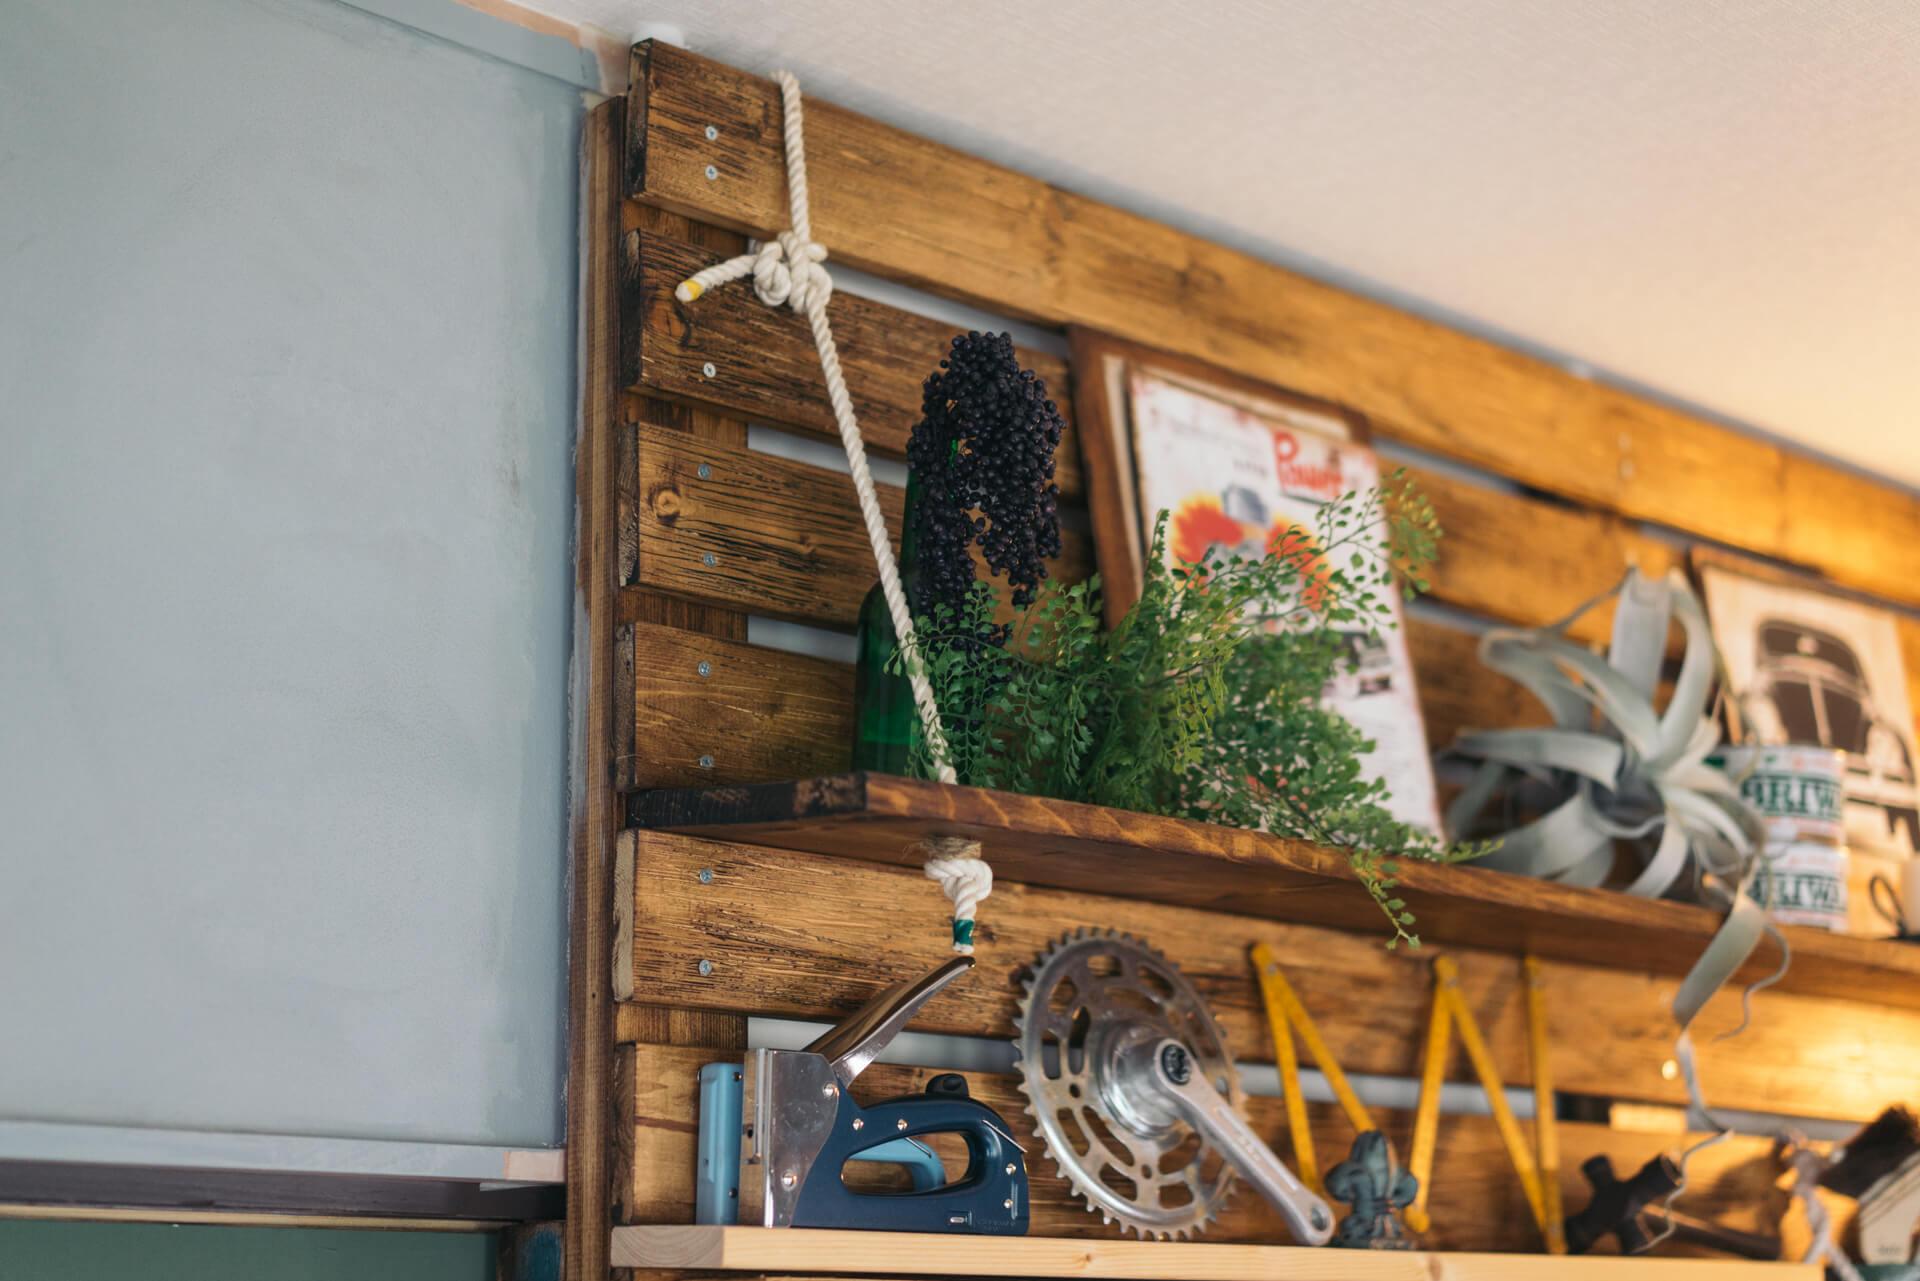 突っ張るジョイントで柱を立てて、板を渡して。少し間をあけておけば、はさみこんだ板とロープで、こんな風に手軽に棚が作れるんですね。これはナイスアイディア。